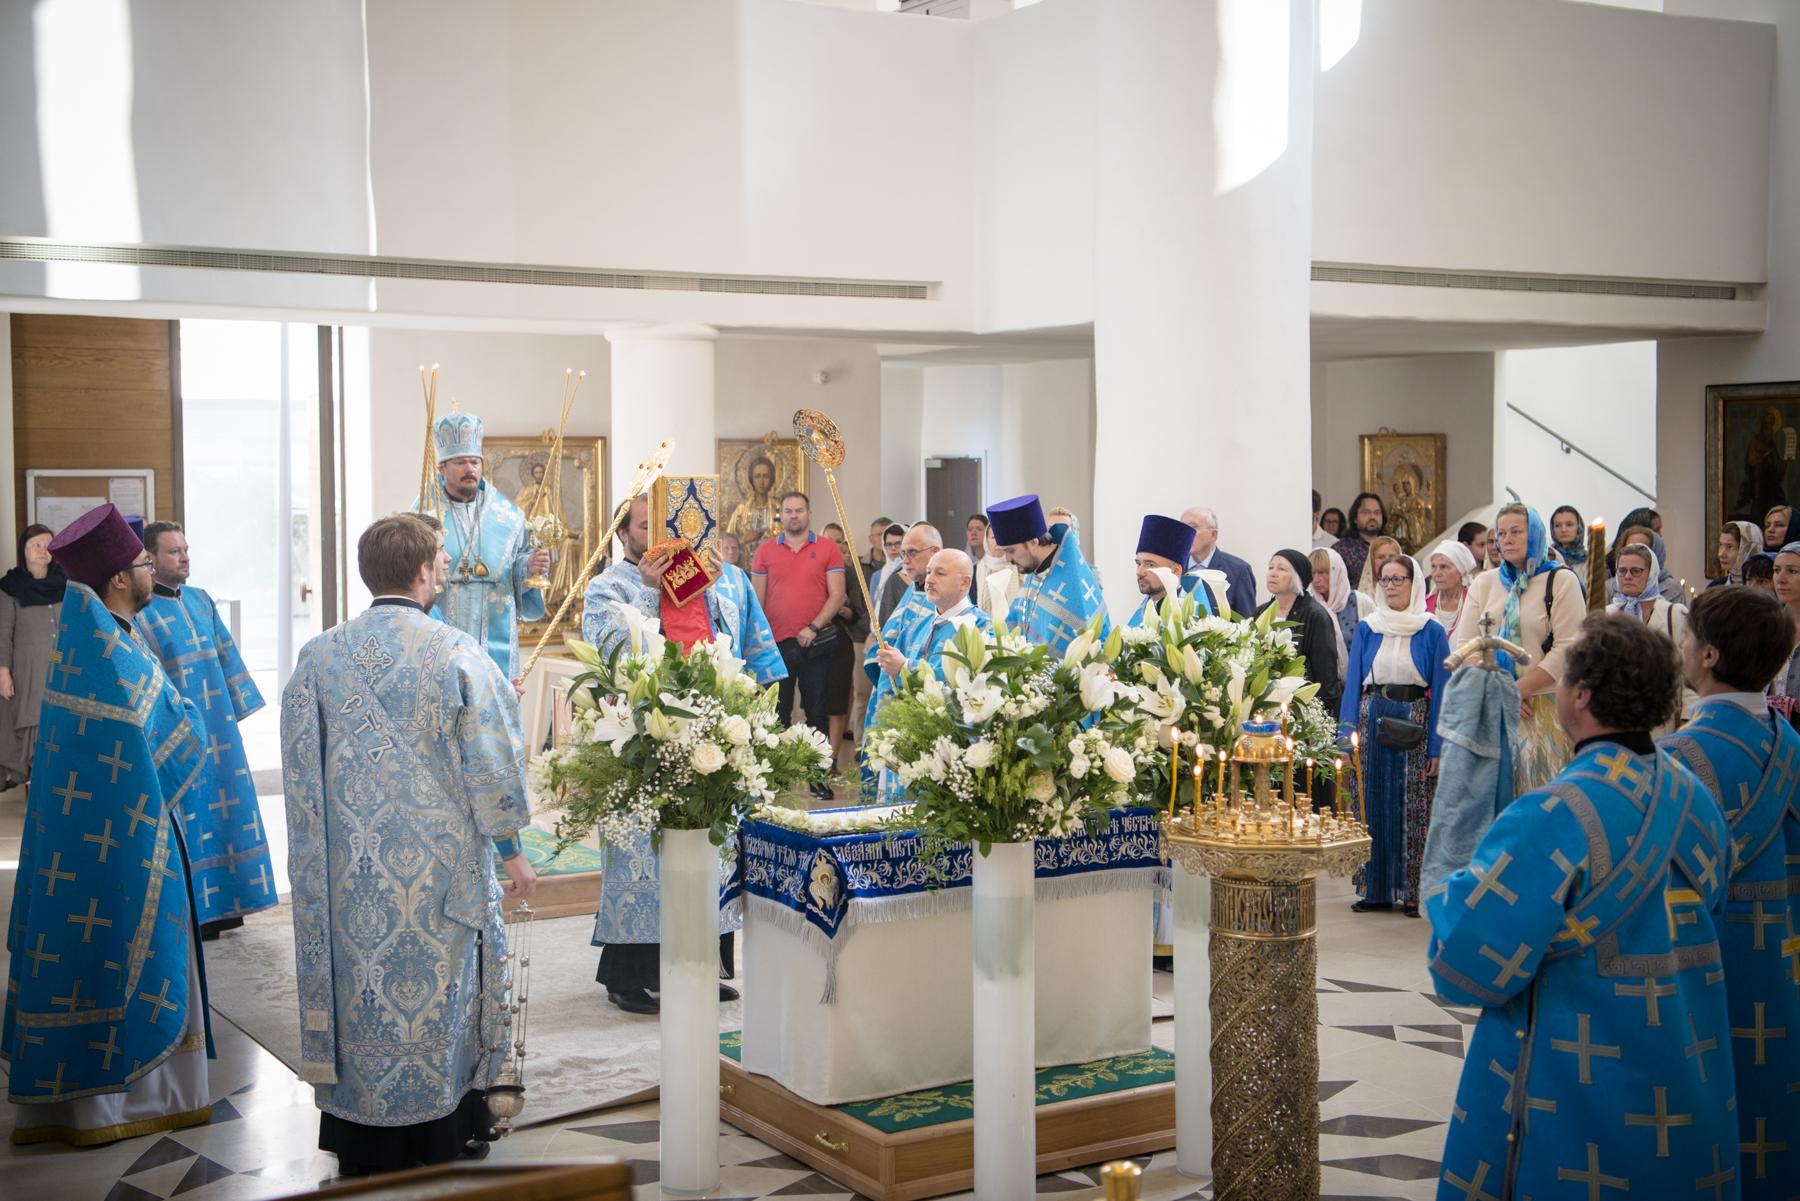 La fête de la Dormition de la Vierge Marie célébrée en la cathédrale de la Sainte-Trinité à Paris